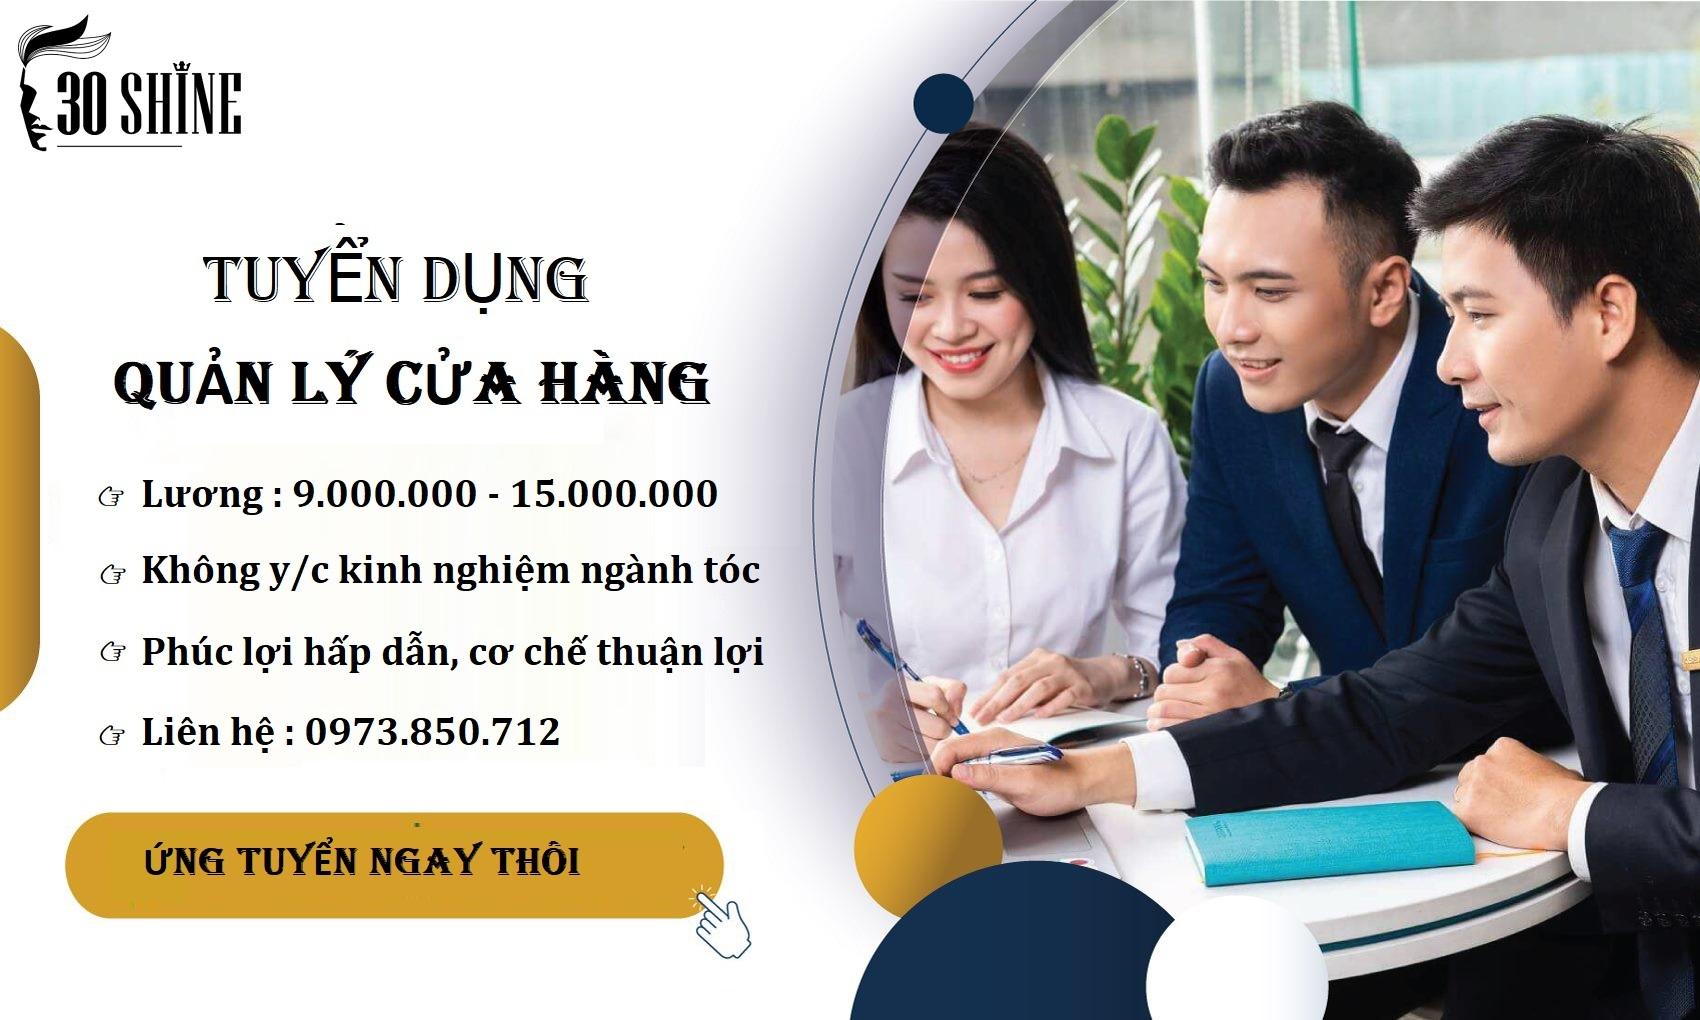 Quản lý cửa hàng tại Hà Nội, Hồ Chí Minh, Thái Nguyên